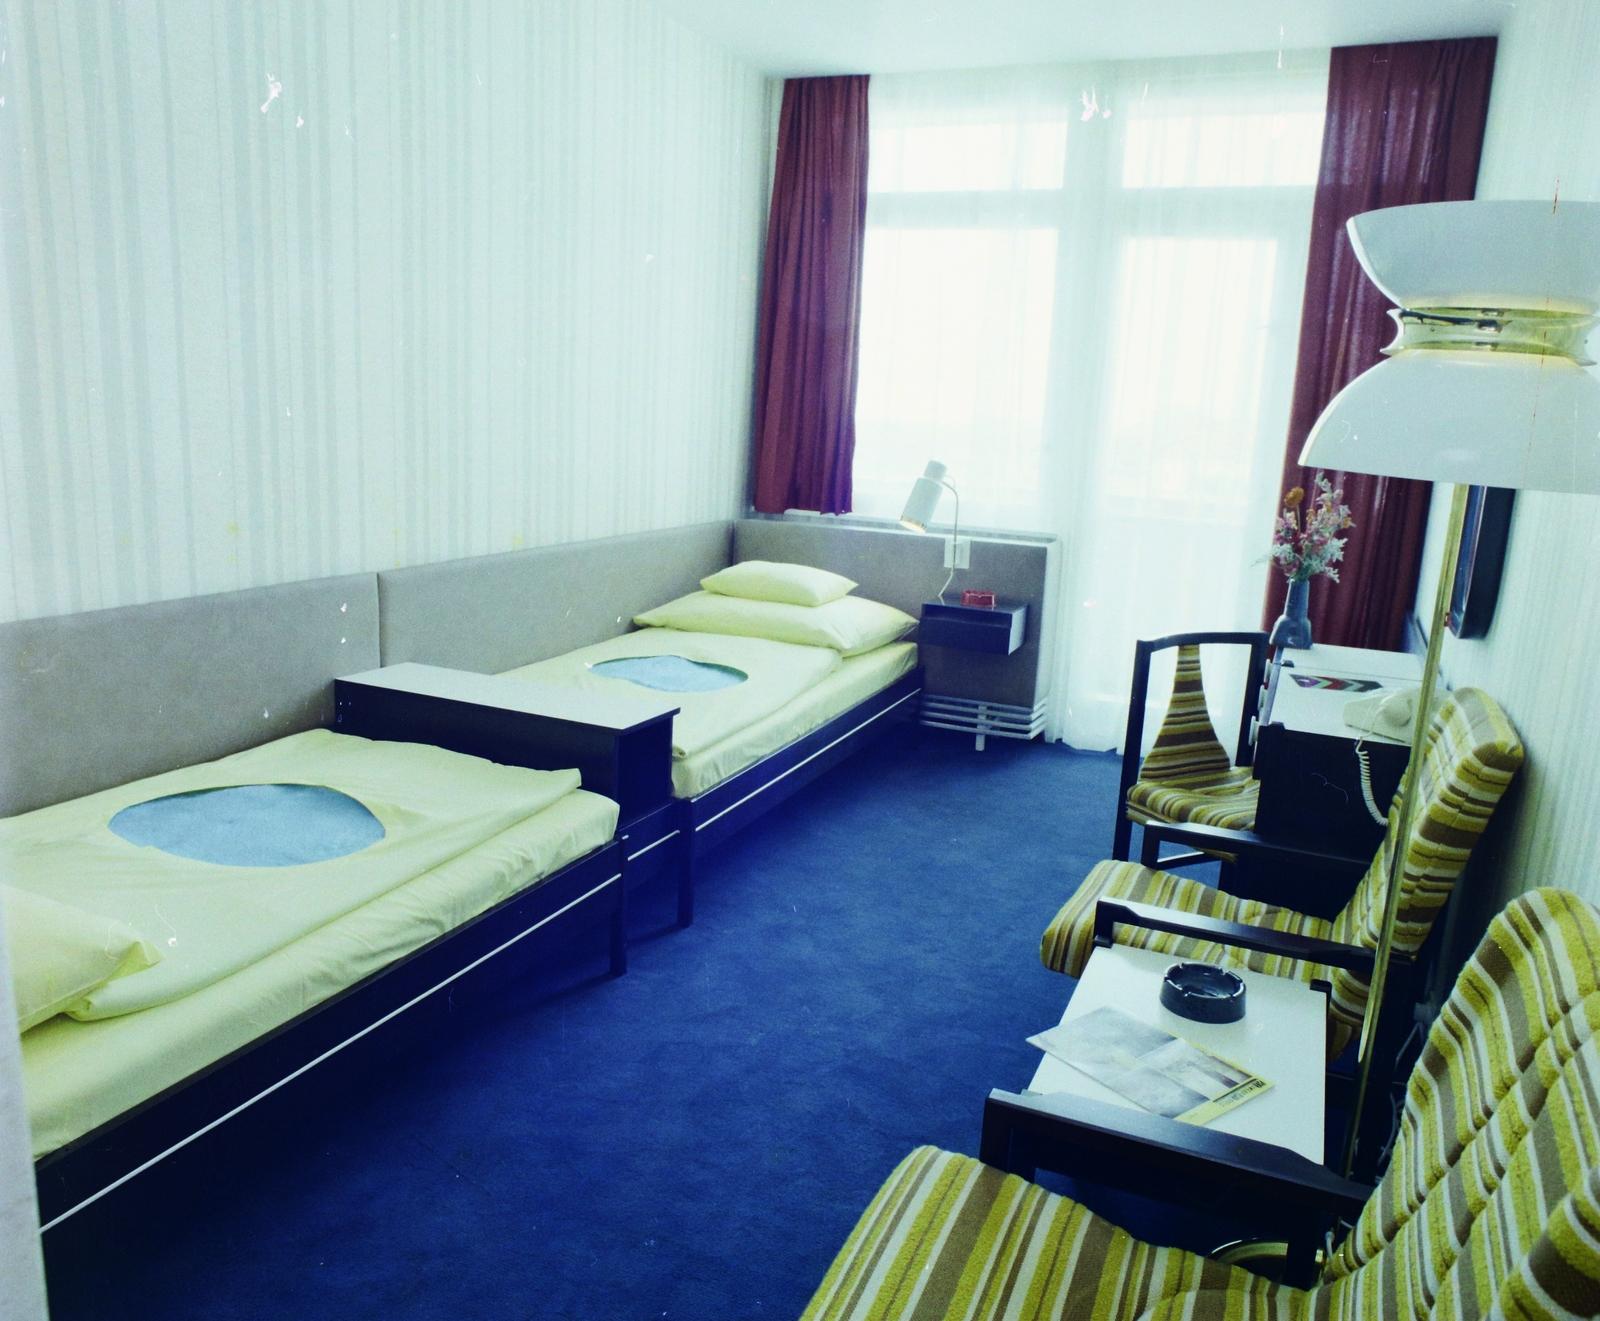 A pécsi Hotel Pannónia szobájában a bútorkárpit annyira szemet gyönyörködtető, hogy most is elférne egy modern enteriőrben. (Fotó: Fortepan)